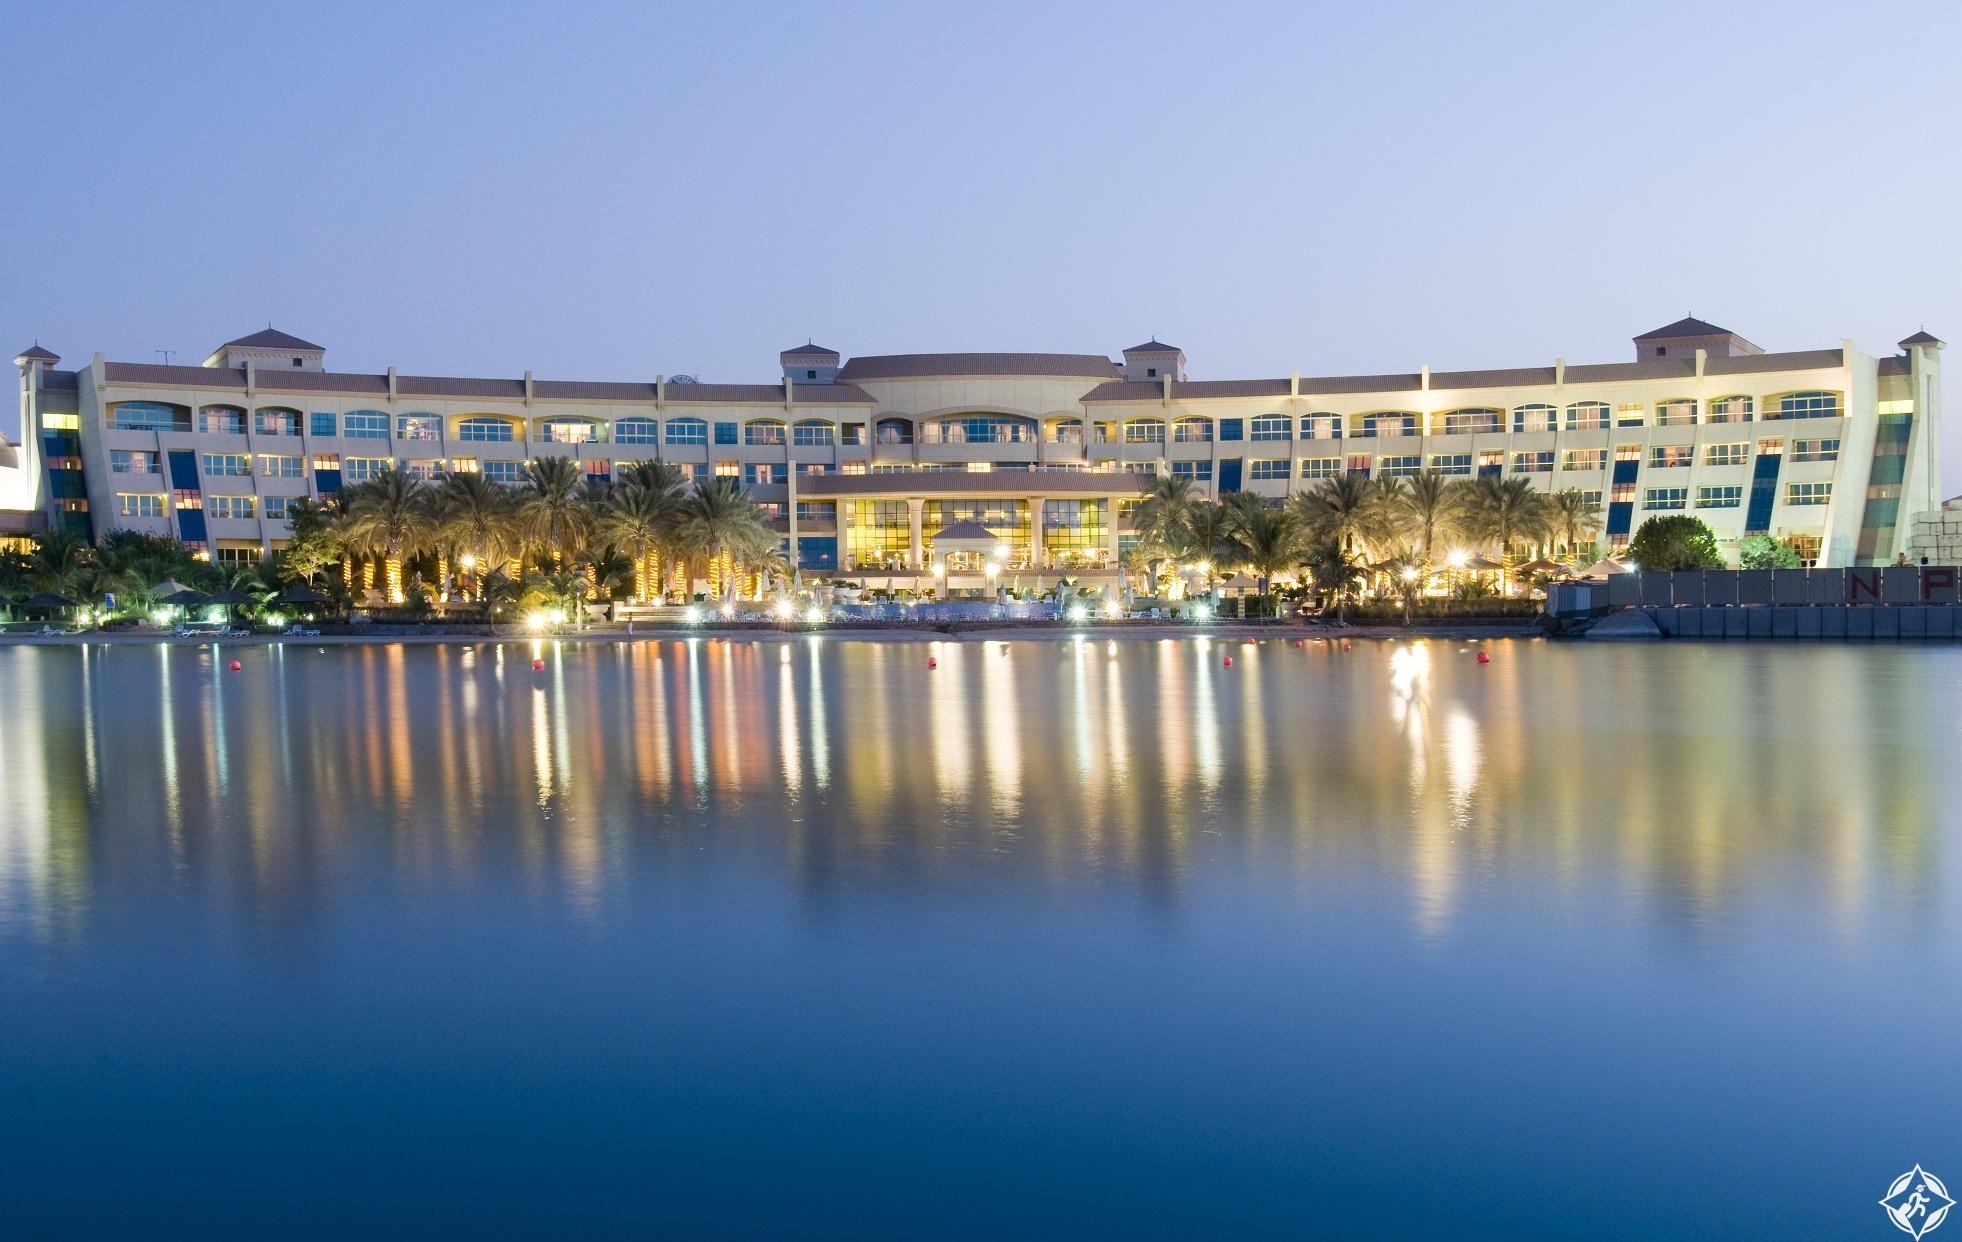 فندق شاطئ الراحة في أبوظبي